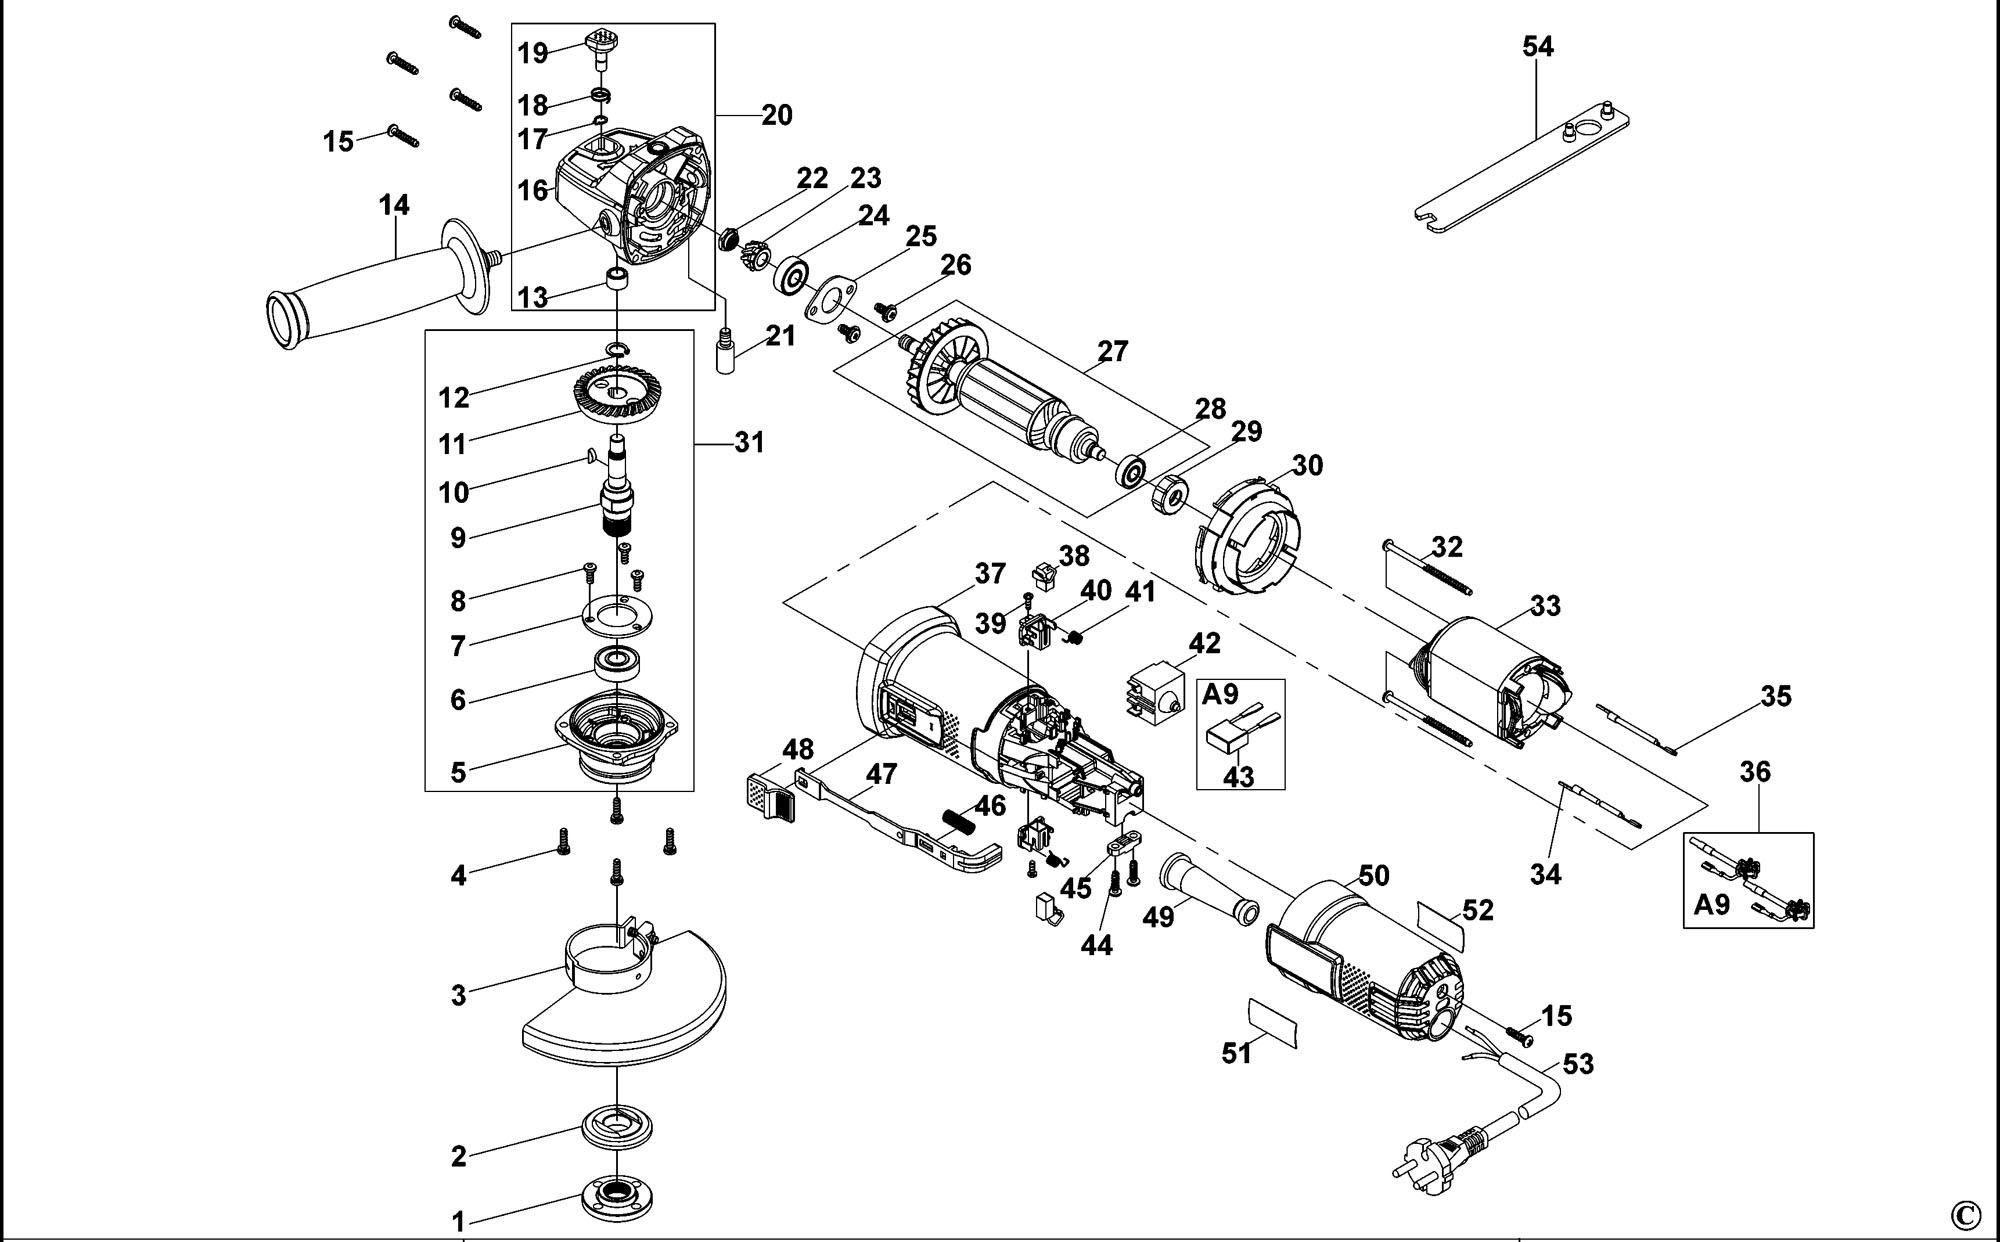 Spares for Black & Decker Ktg16 Angle Grinder (type 1